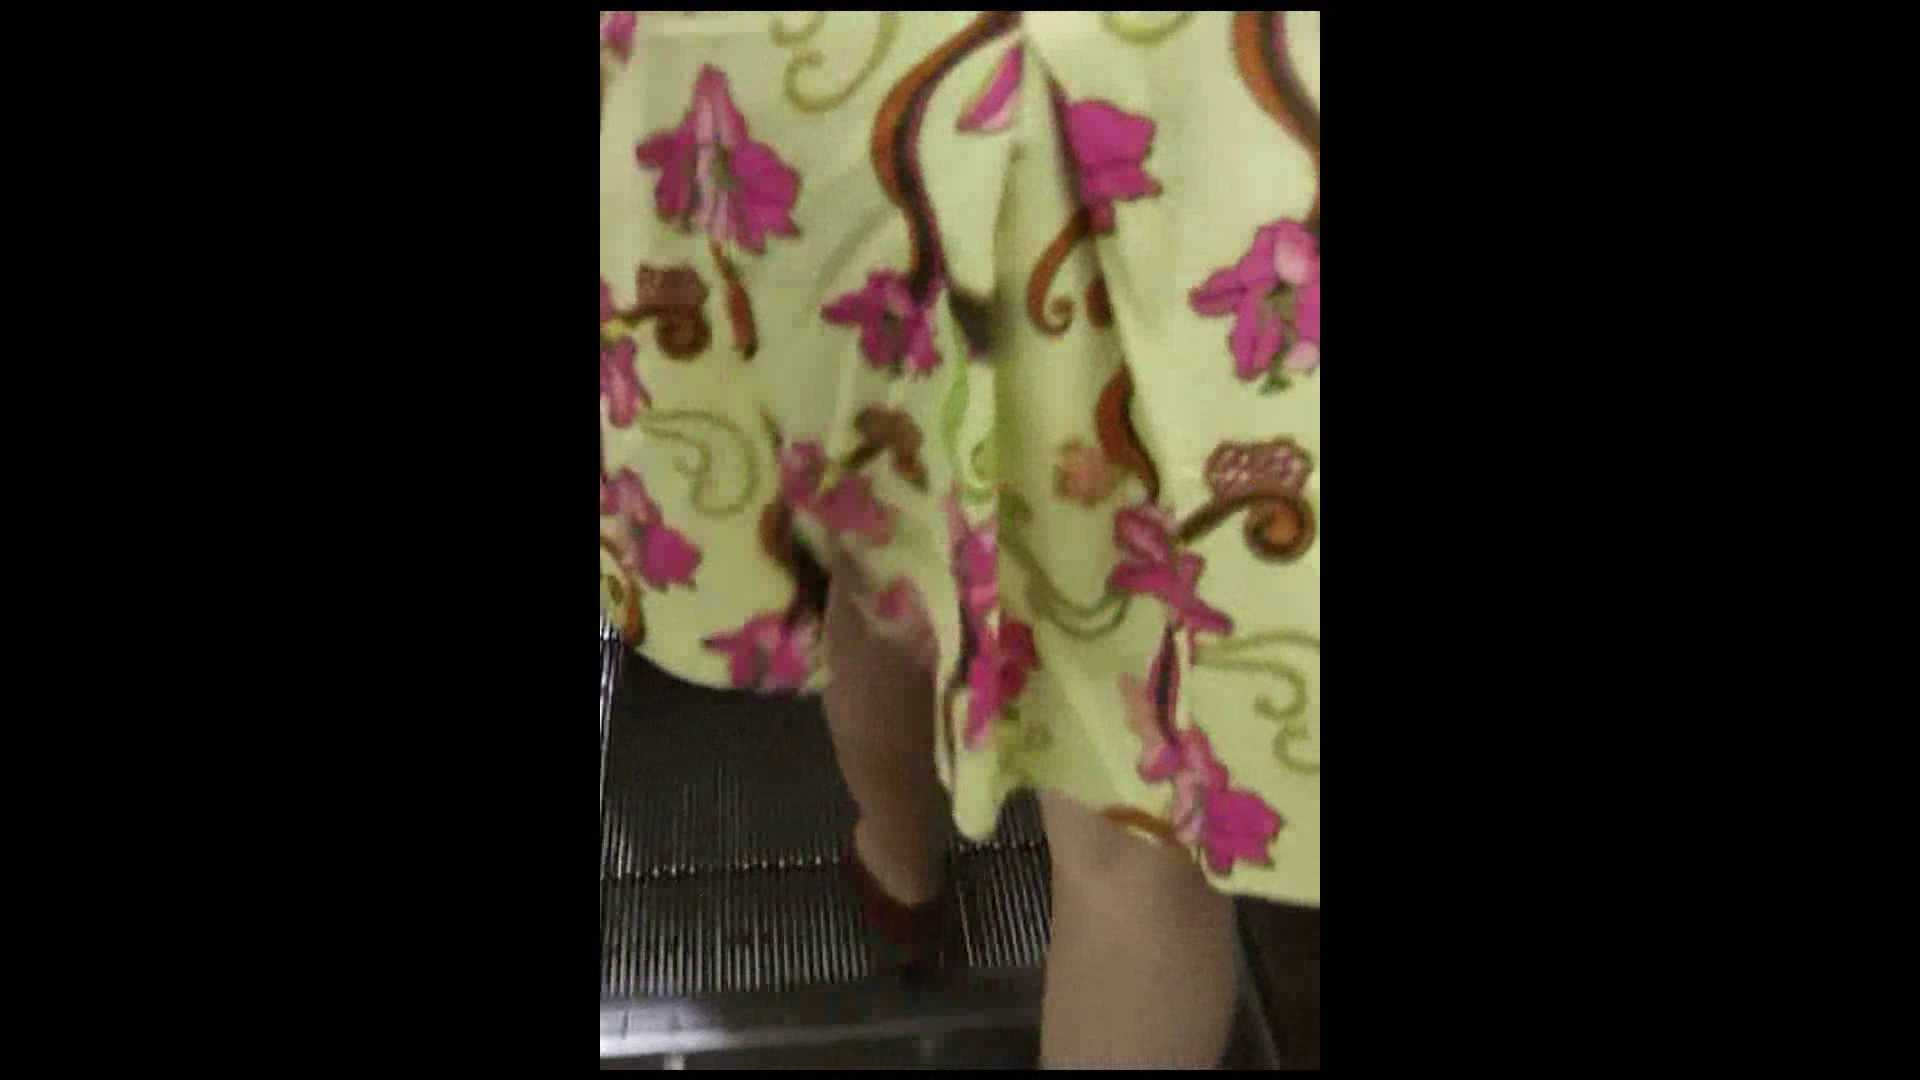 綺麗なモデルさんのスカート捲っちゃおう‼vol02 HなOL   モデルヌード  93pic 69